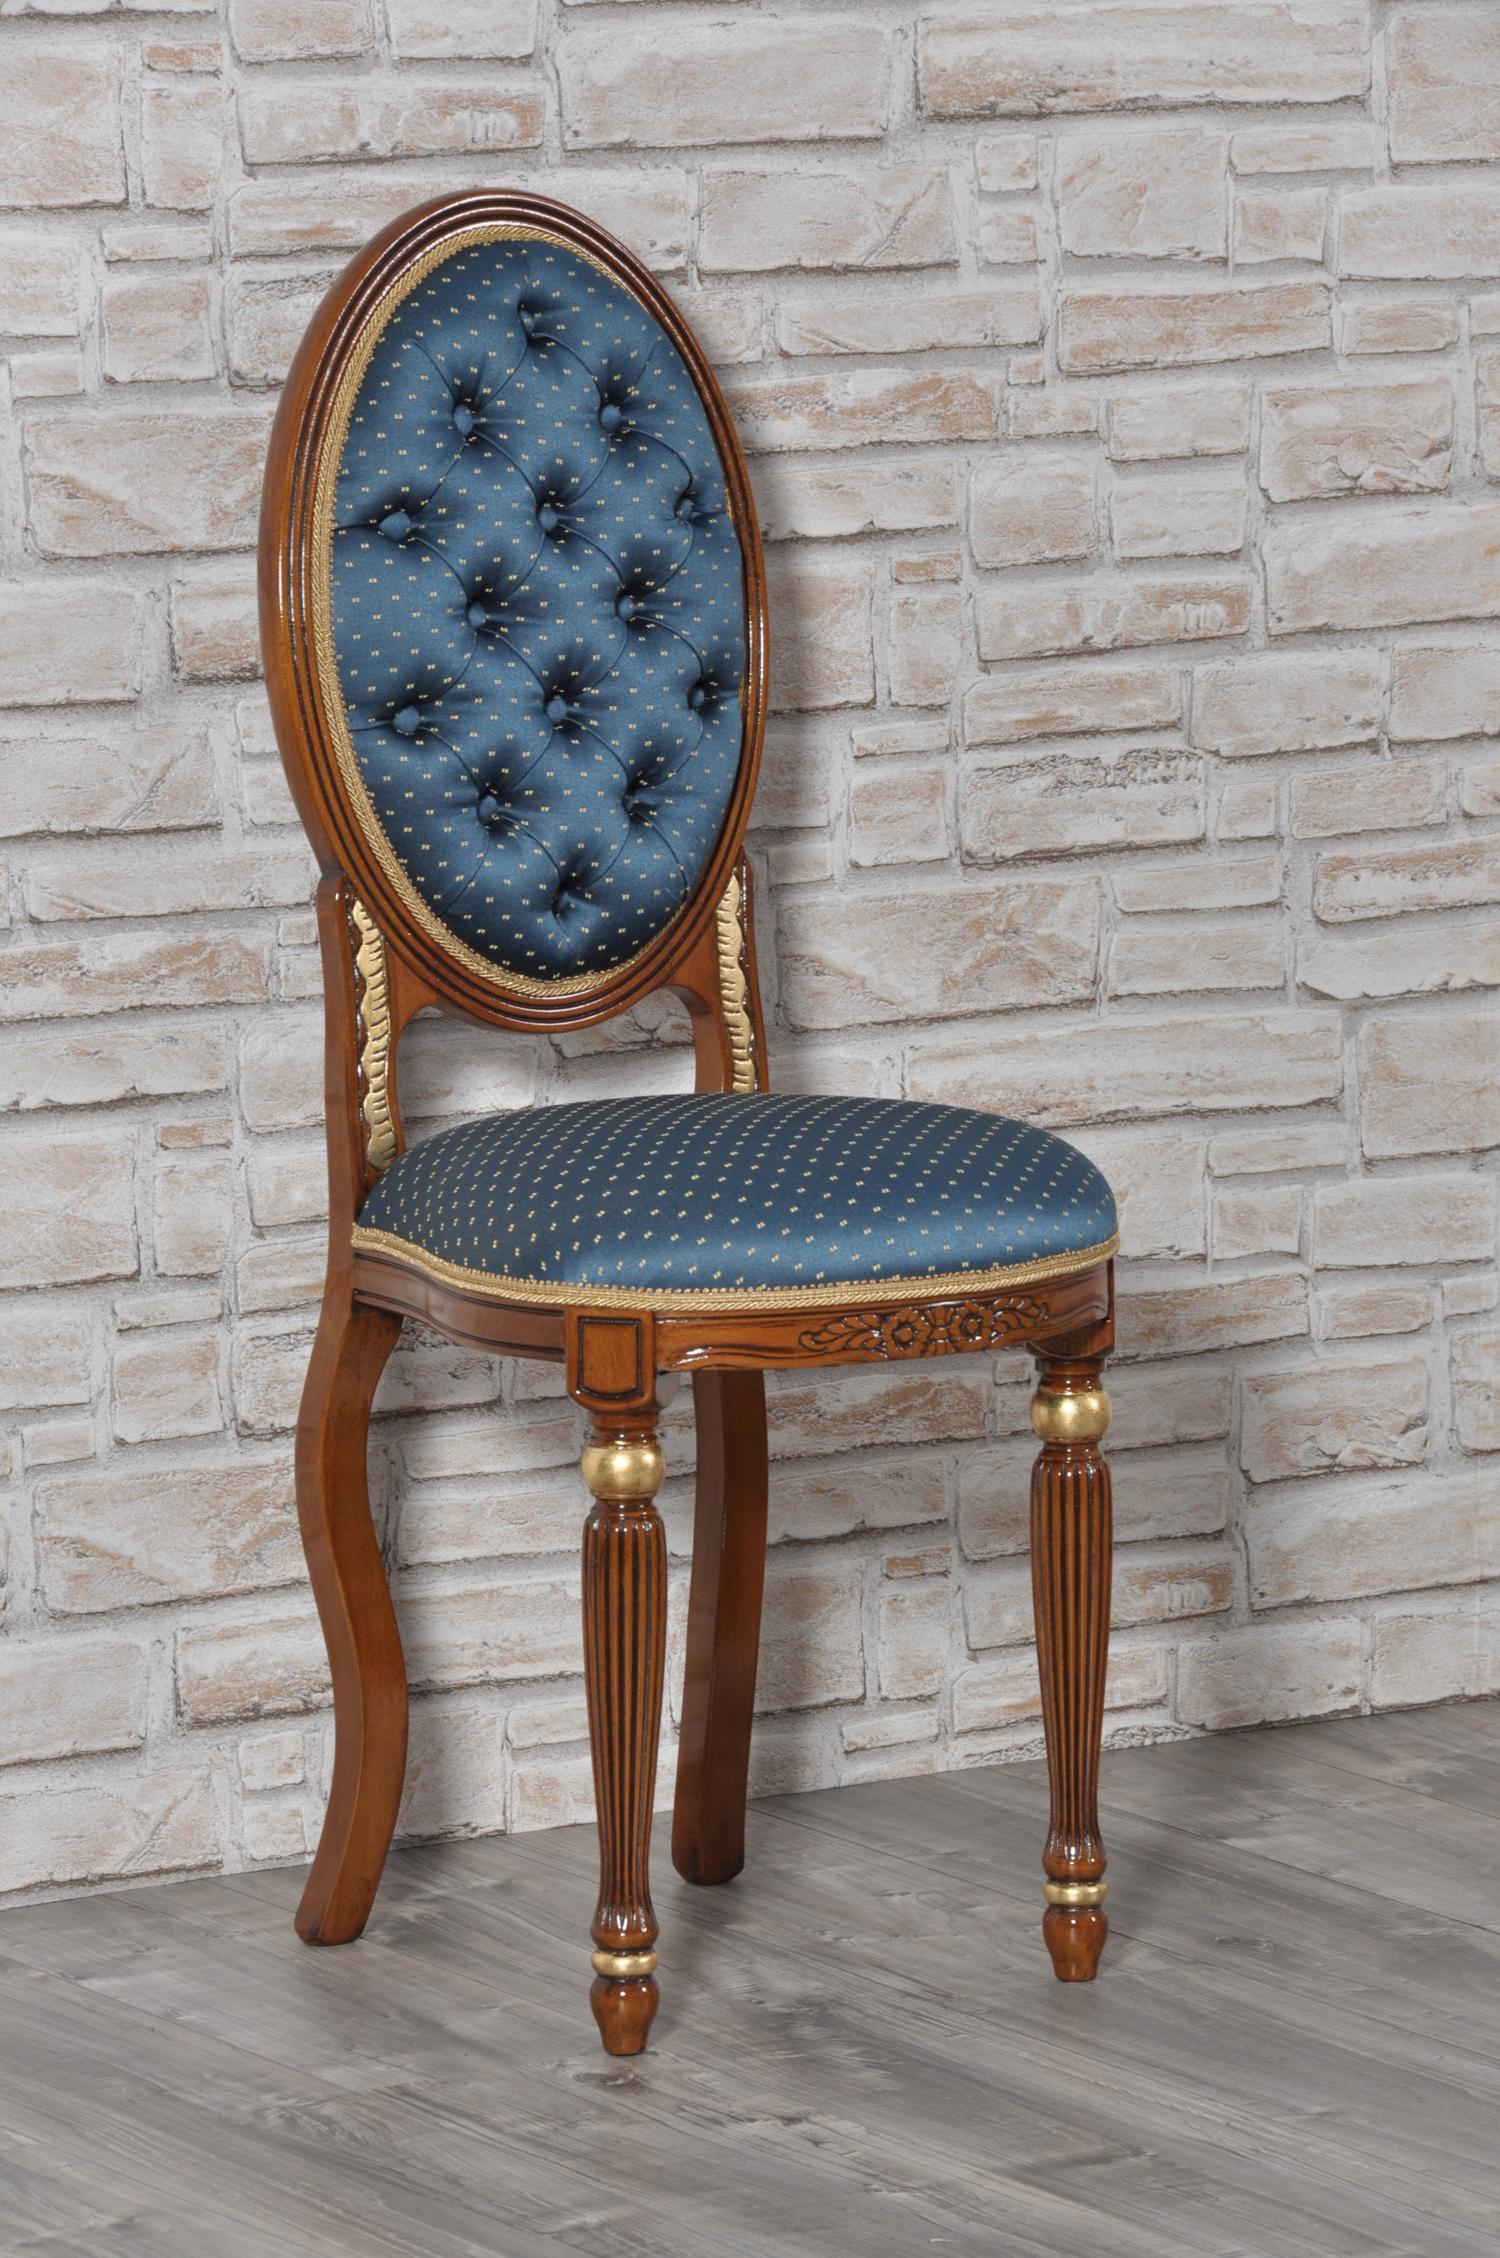 Importante sedia riprodotta in stile luigi xvi con finitura in foglia oro mobili vangelista - Mobili luigi xvi prezzi ...